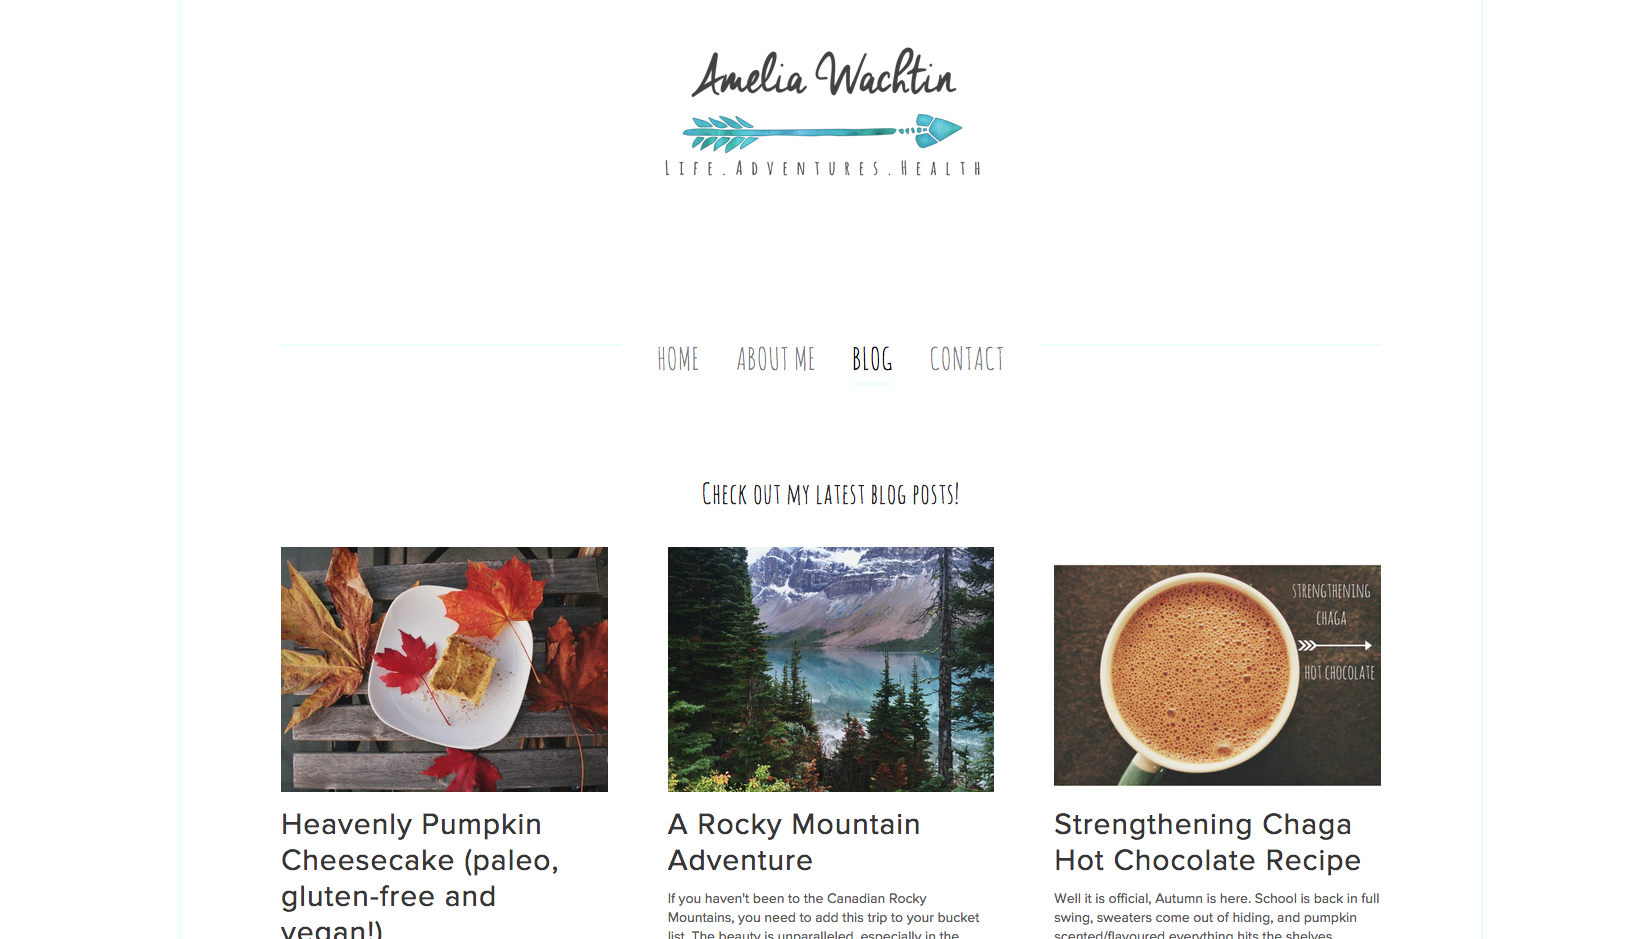 amelia wachtin blog